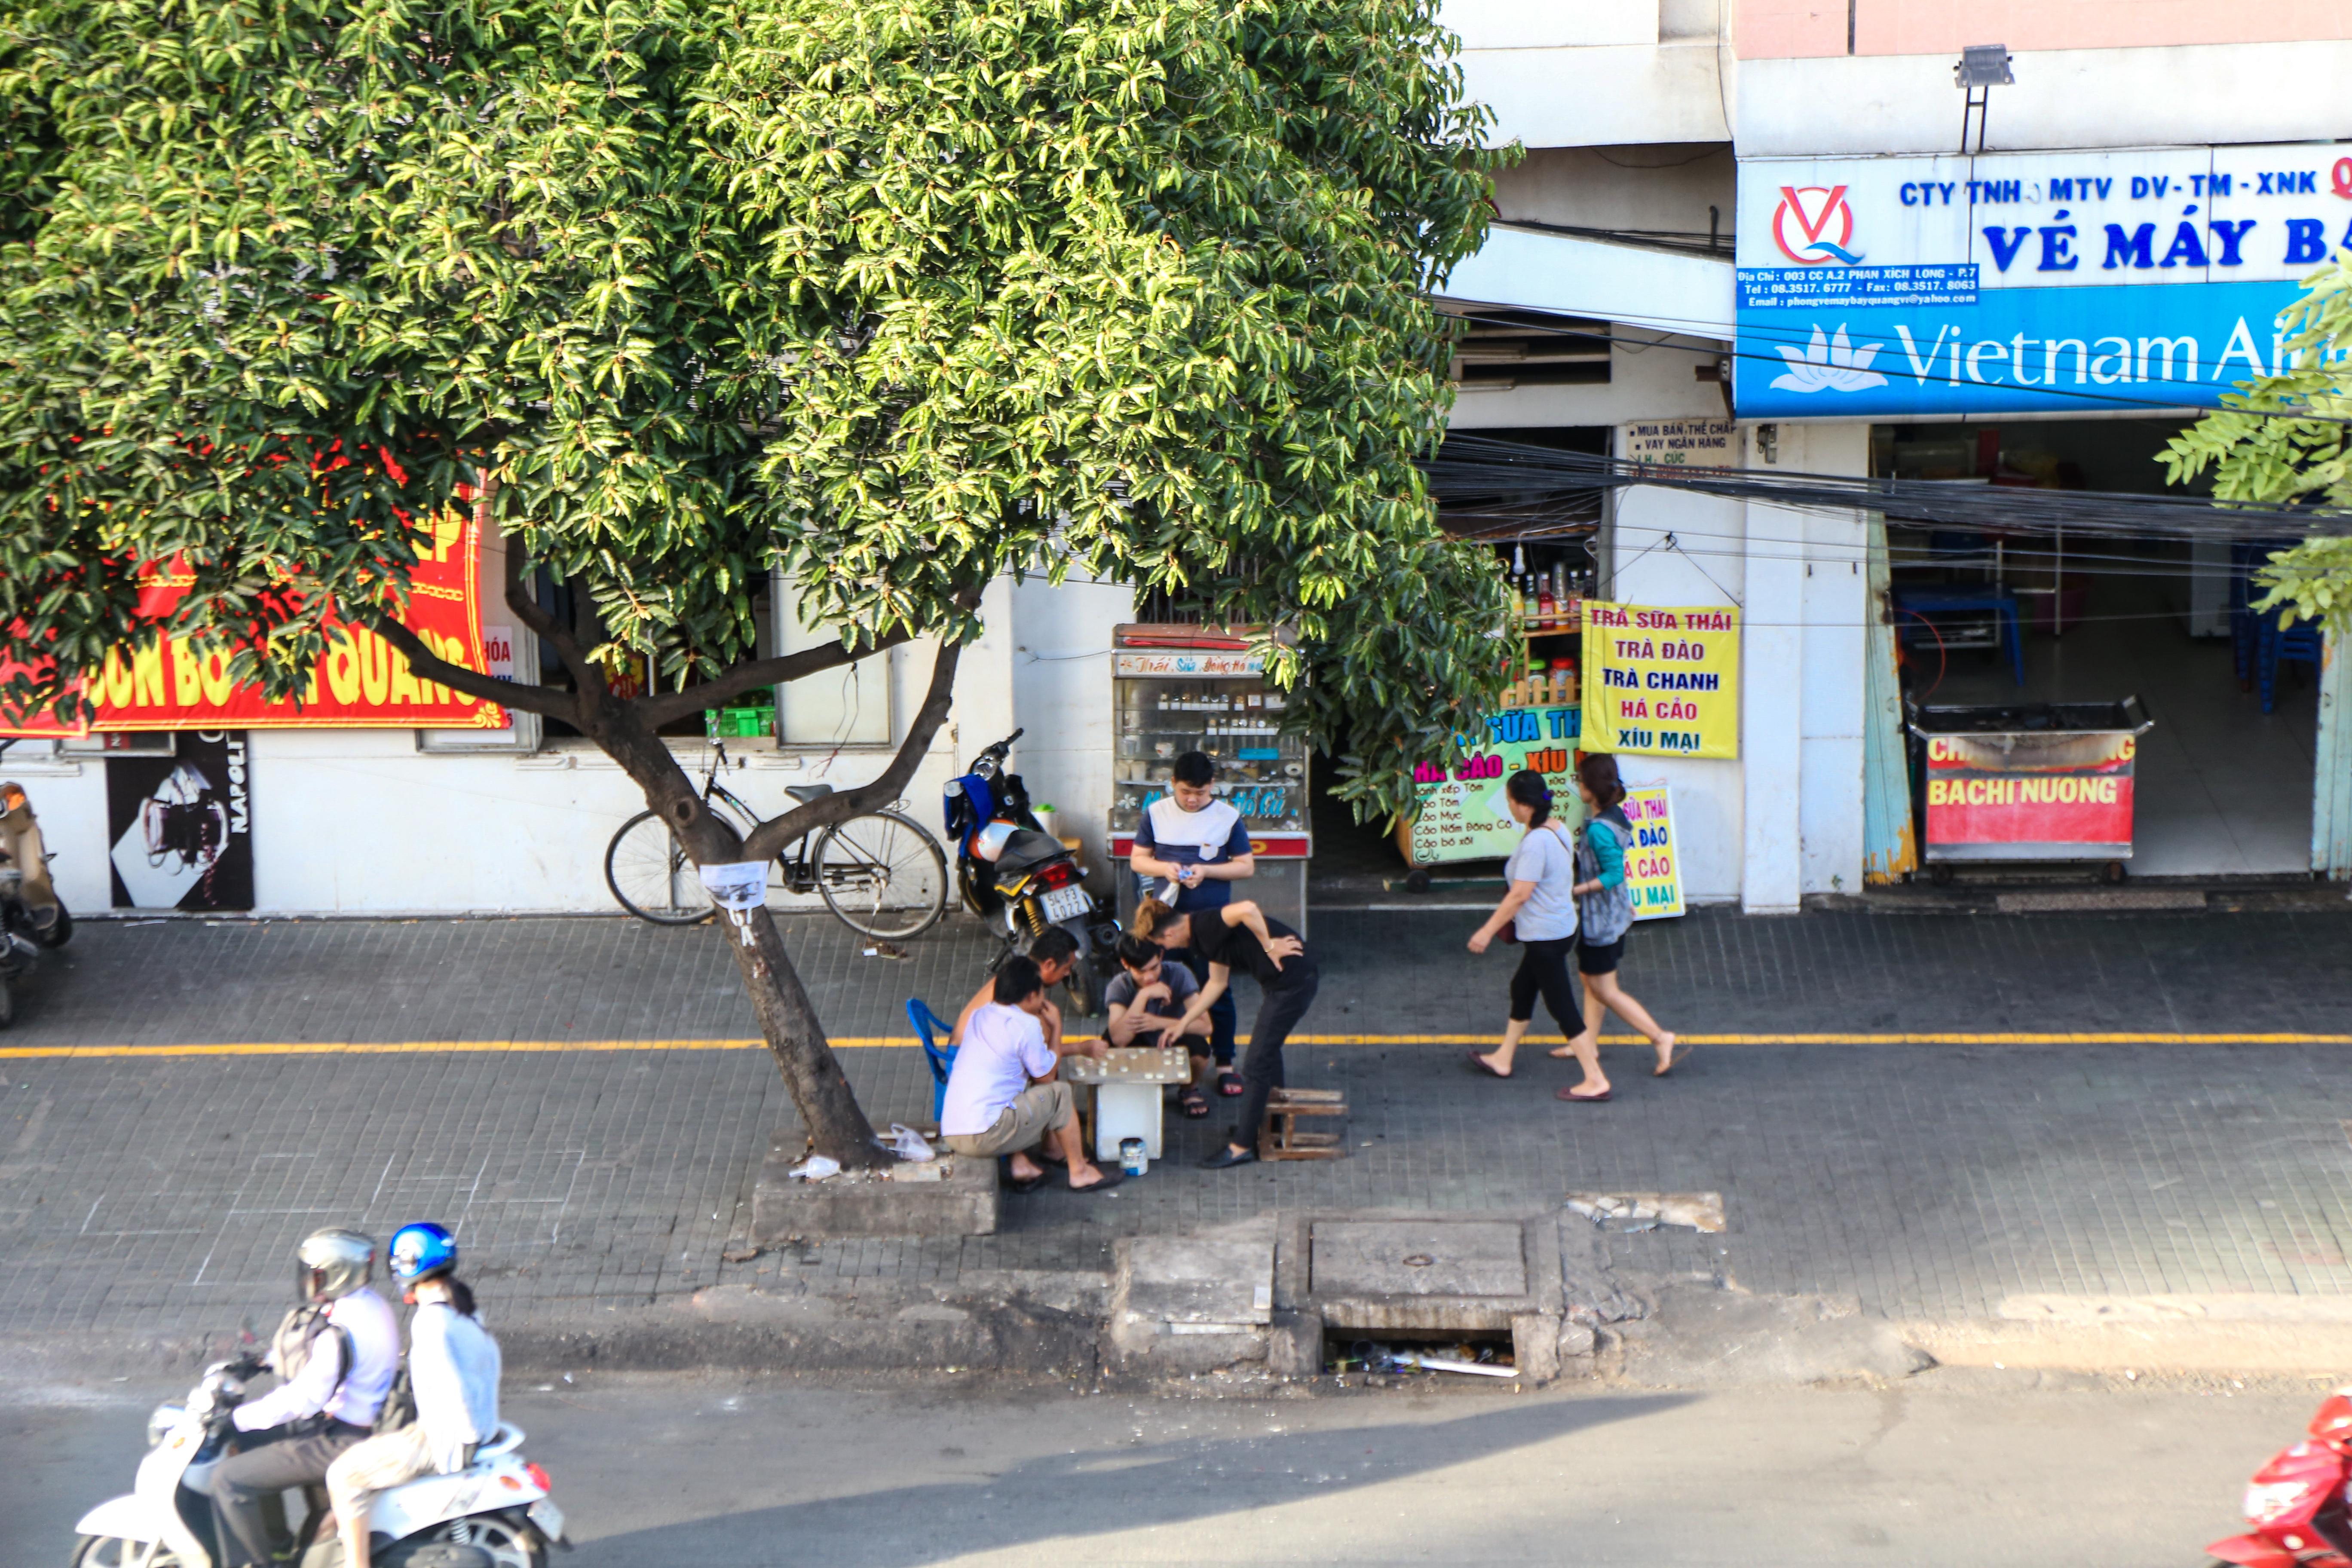 Vỉa hè Sài Gòn sau khi được phân chia bằng vạch kẻ: Người đi bộ thoải mái, dân buôn bán hài lòng - Ảnh 2.